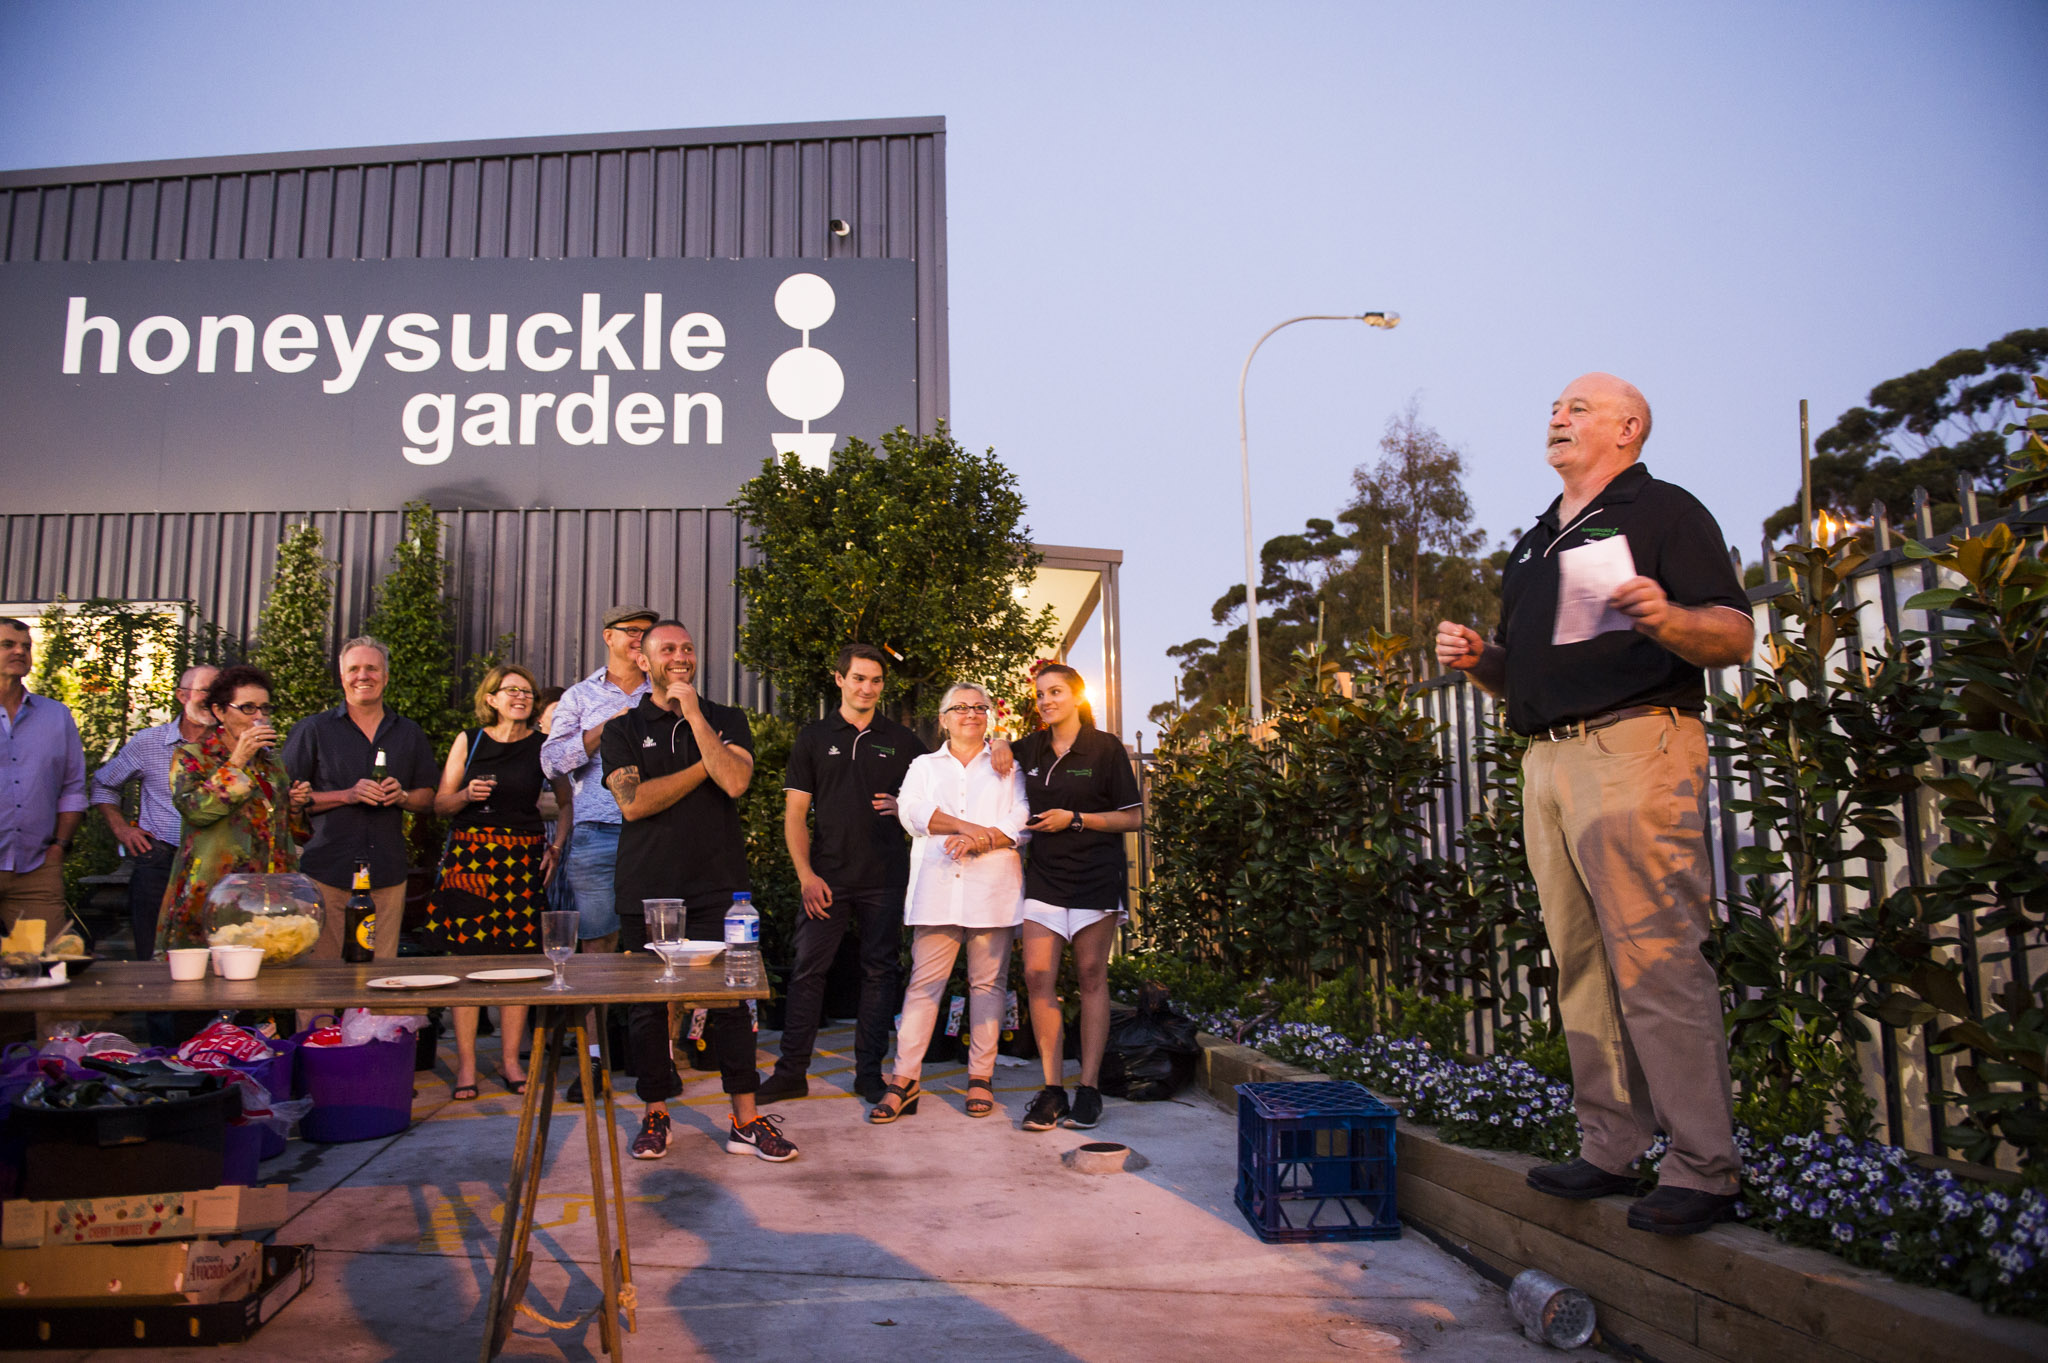 151016-HoneySuckleGarden-Event-WebRes-2396.jpg